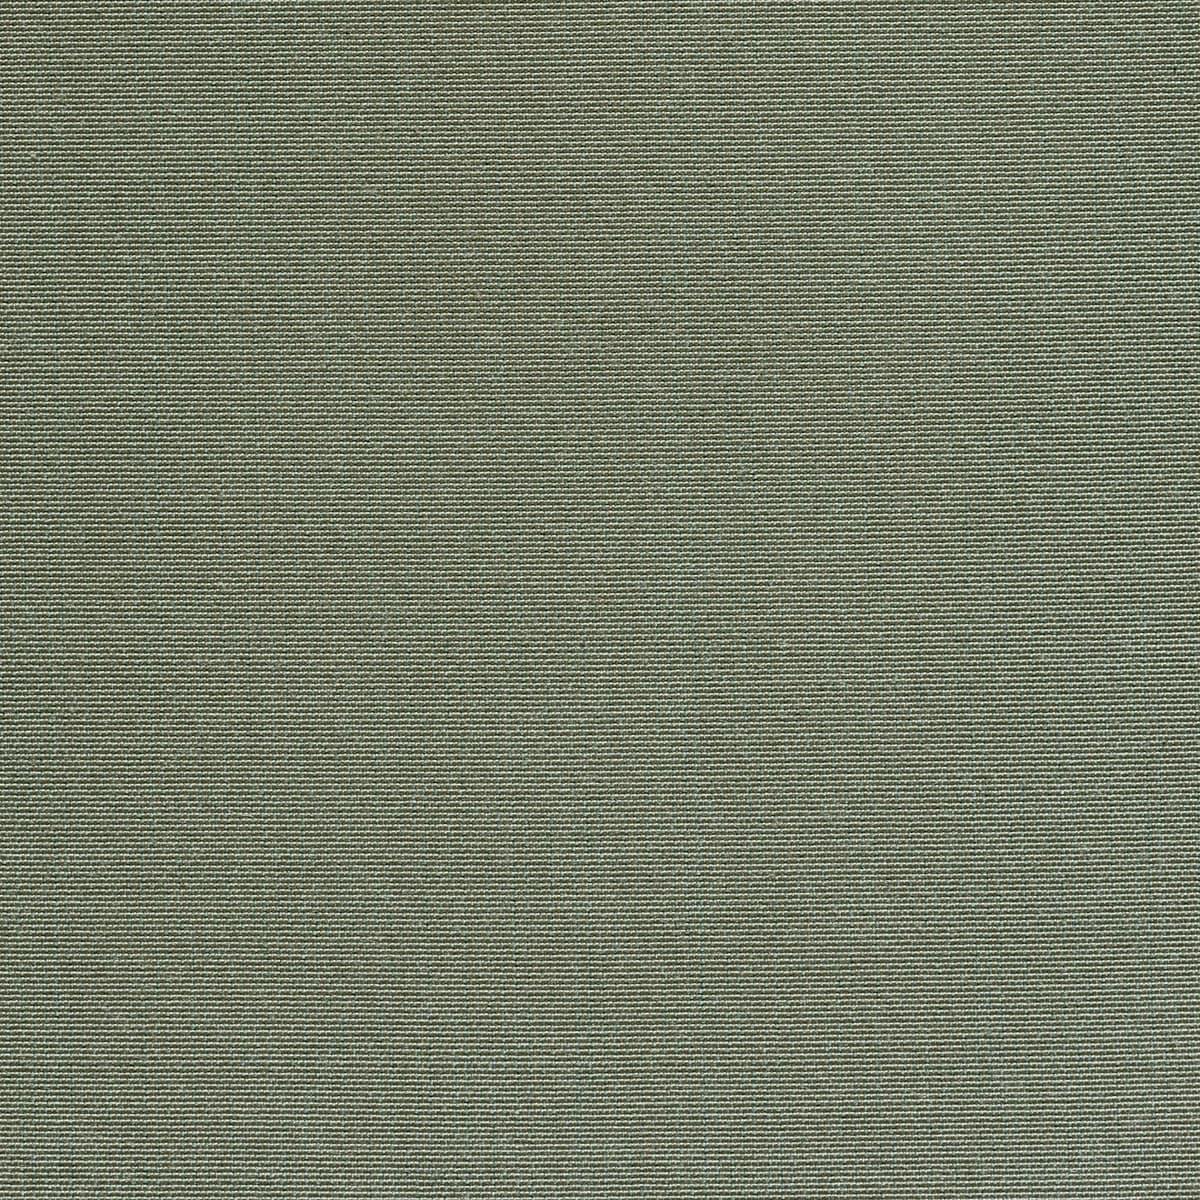 Fsp100 10